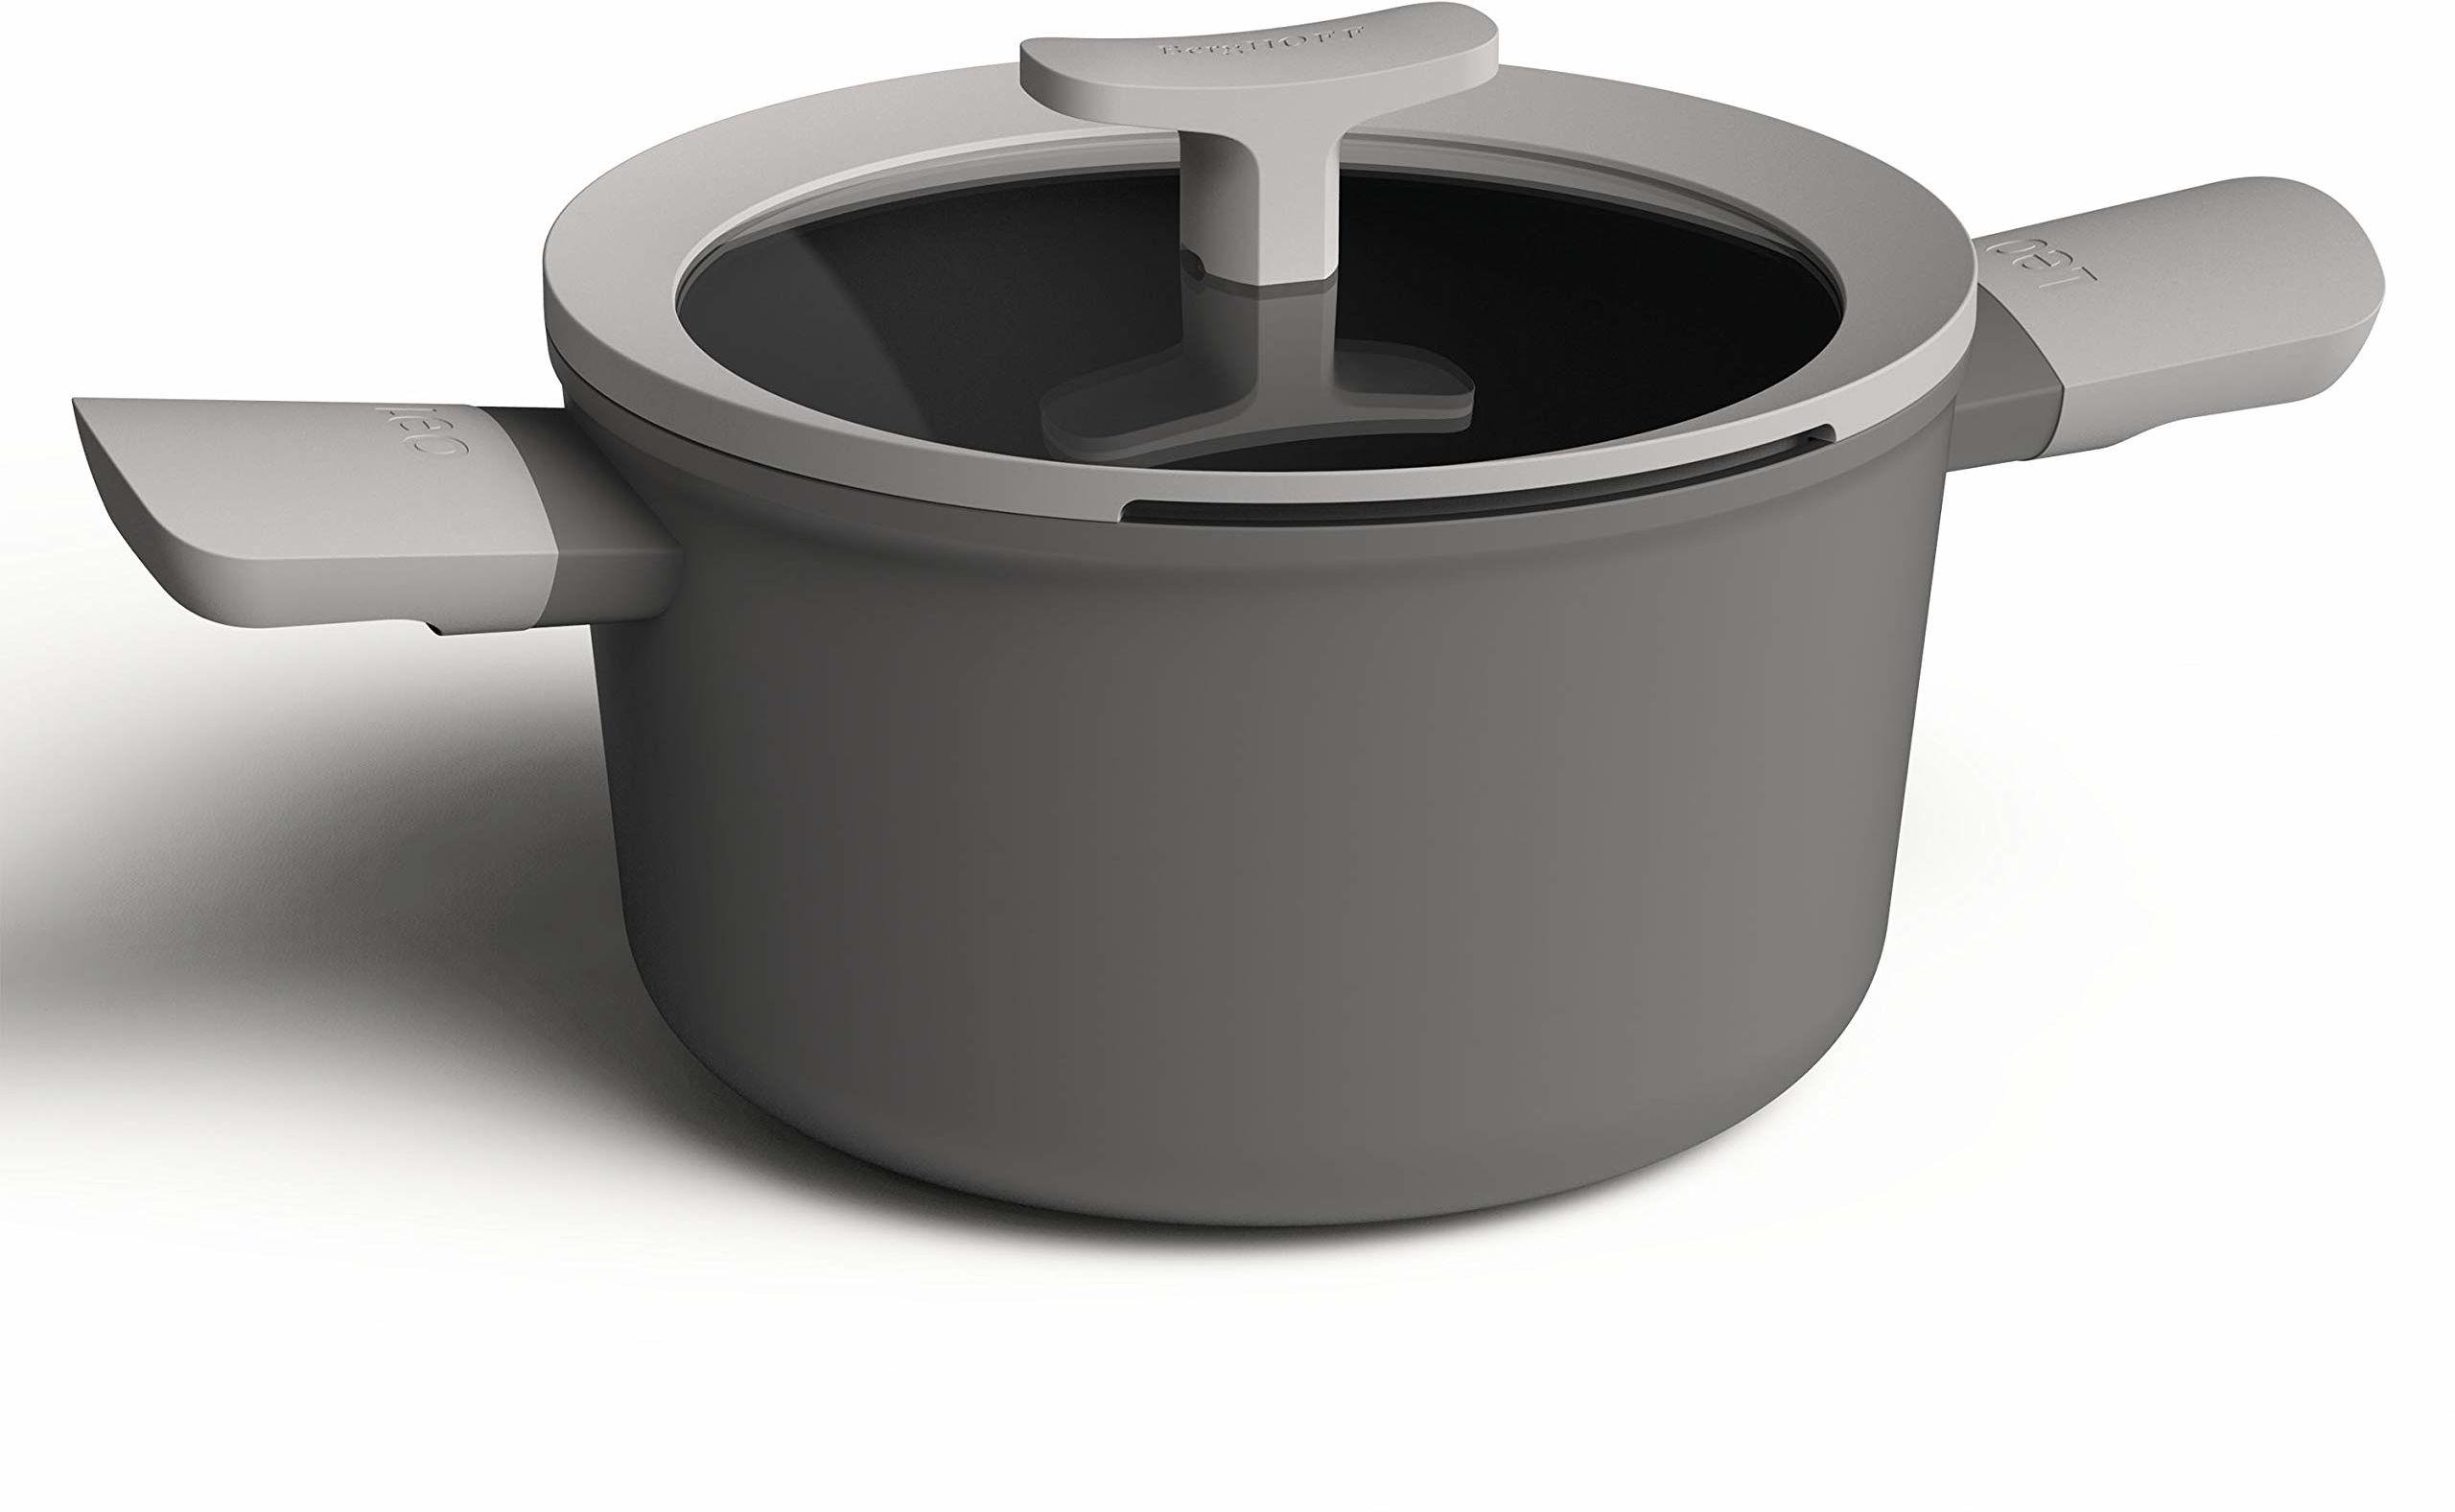 Berghoff 3950167 rondel z 2 uchwytami 20 cm, 3,1 l + pokrywka, aluminium, kuchenka indukcyjna, szary